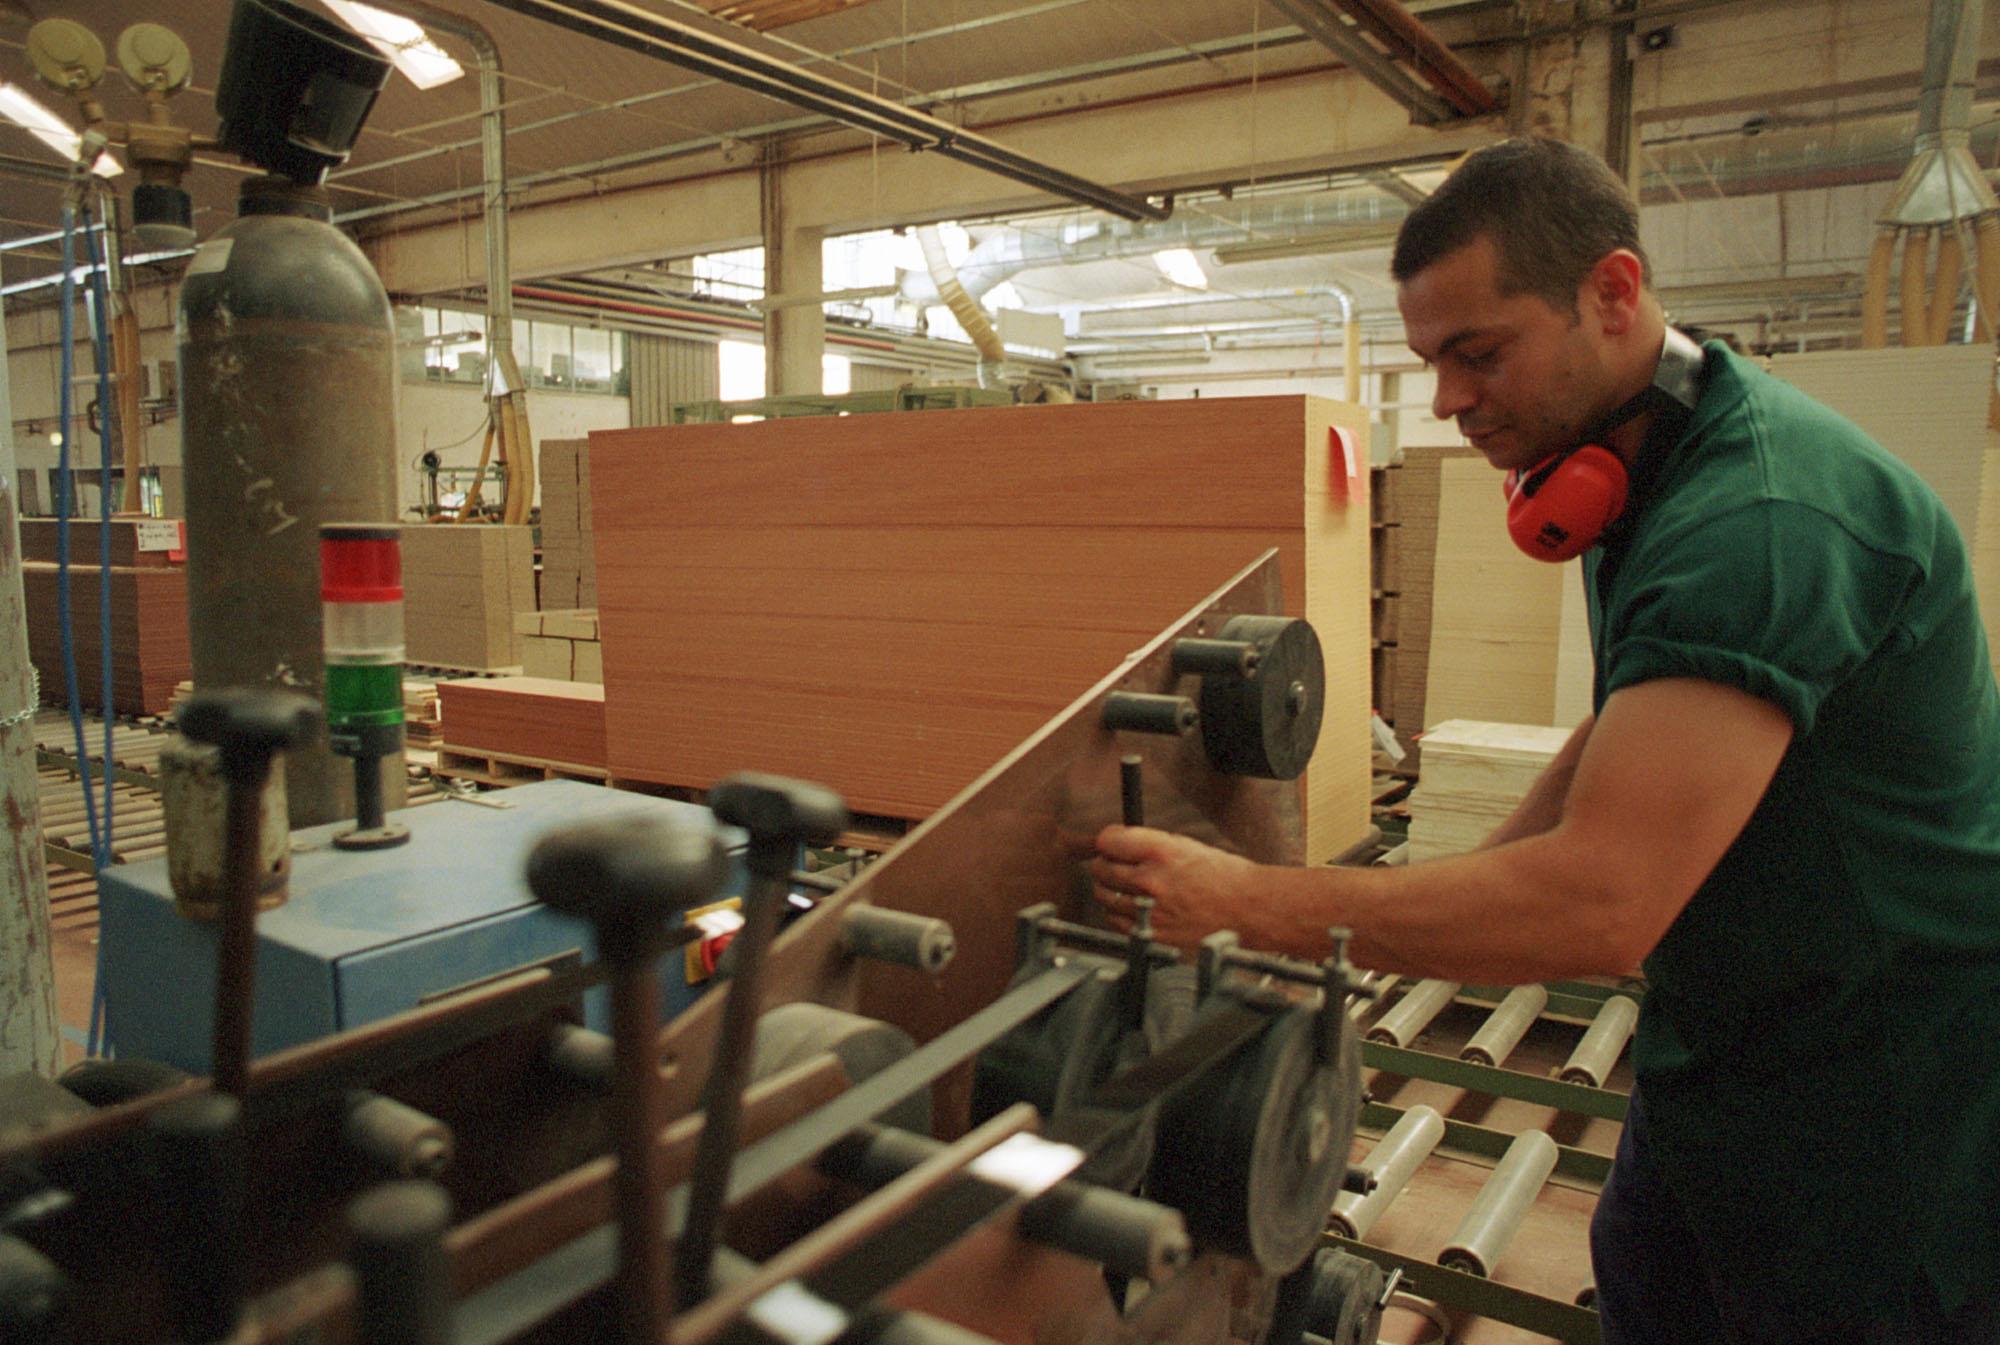 Commercio estero in crescita. Boom per le piccole imprese.    foto di © Luana Monte / emblema - Fermignano (Fano) 29 luglio 2002 Ditta Imab, produzione mobili e fabbricati Lavoro di operai in fabbrica foto di © Luana Monte / emblema - Fotografo: Luana Monte